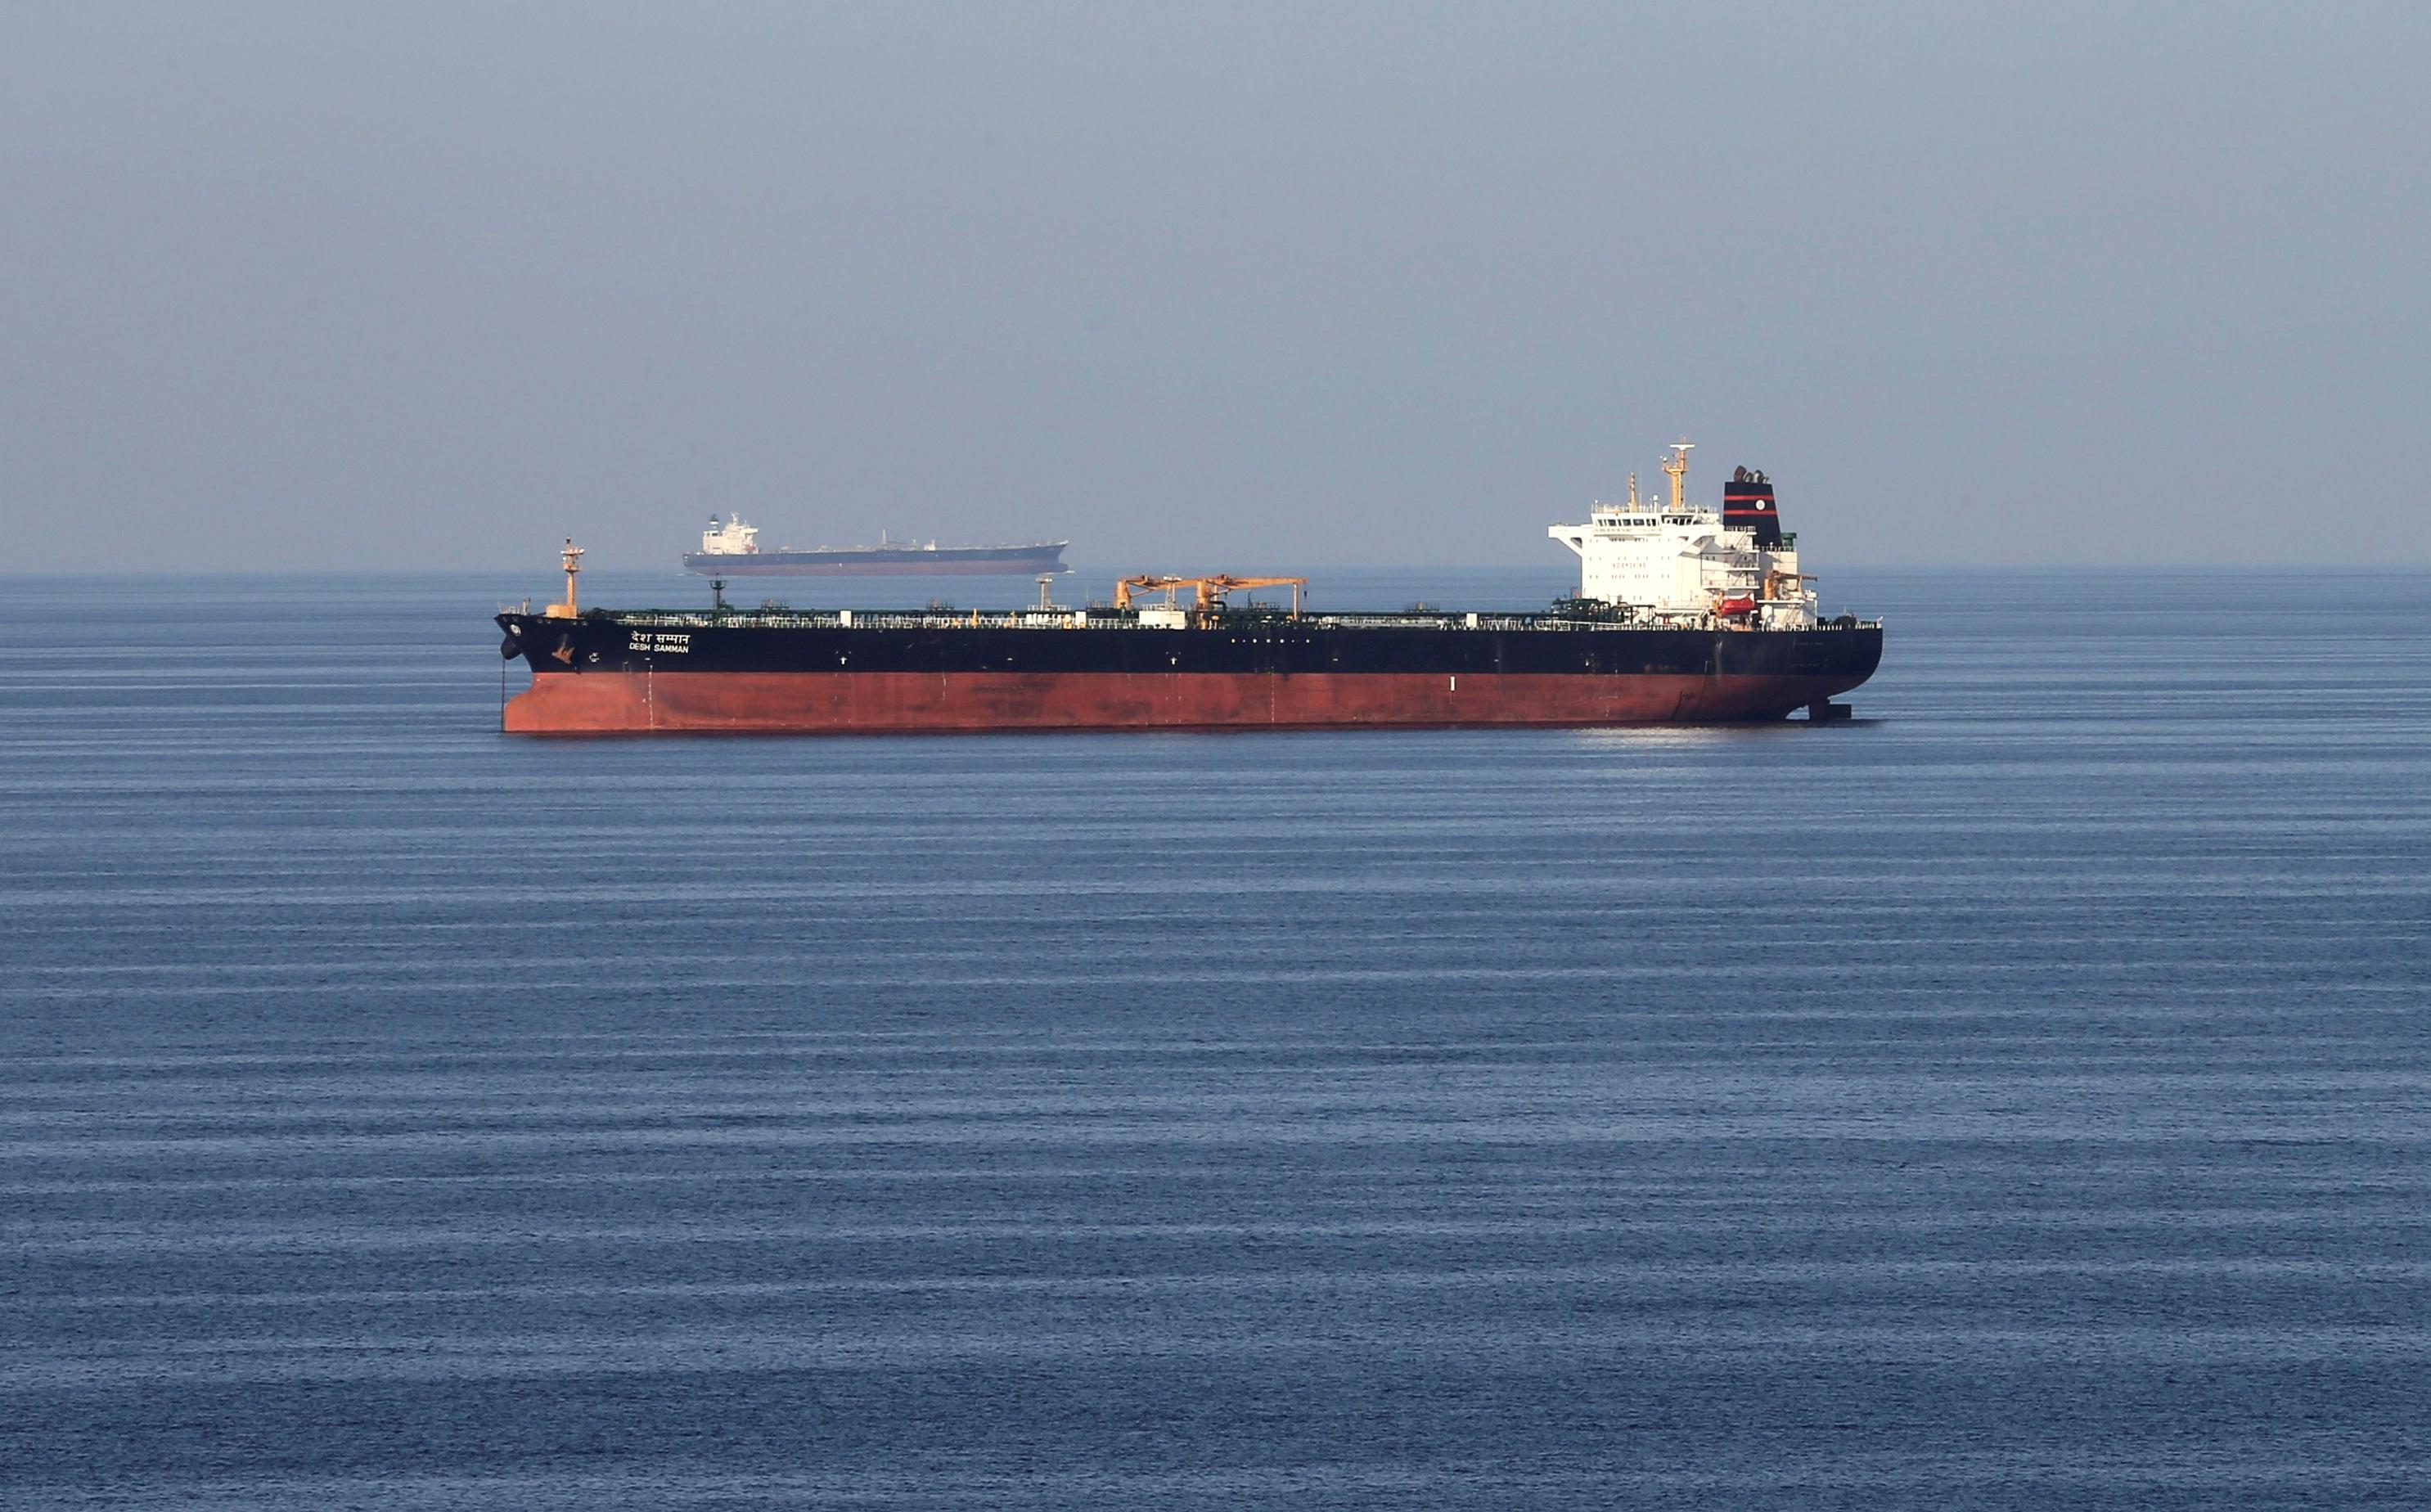 Ιράν: Κρατάει ξένο δεξαμενόπλοιο στο Στενό του Ορμούζ